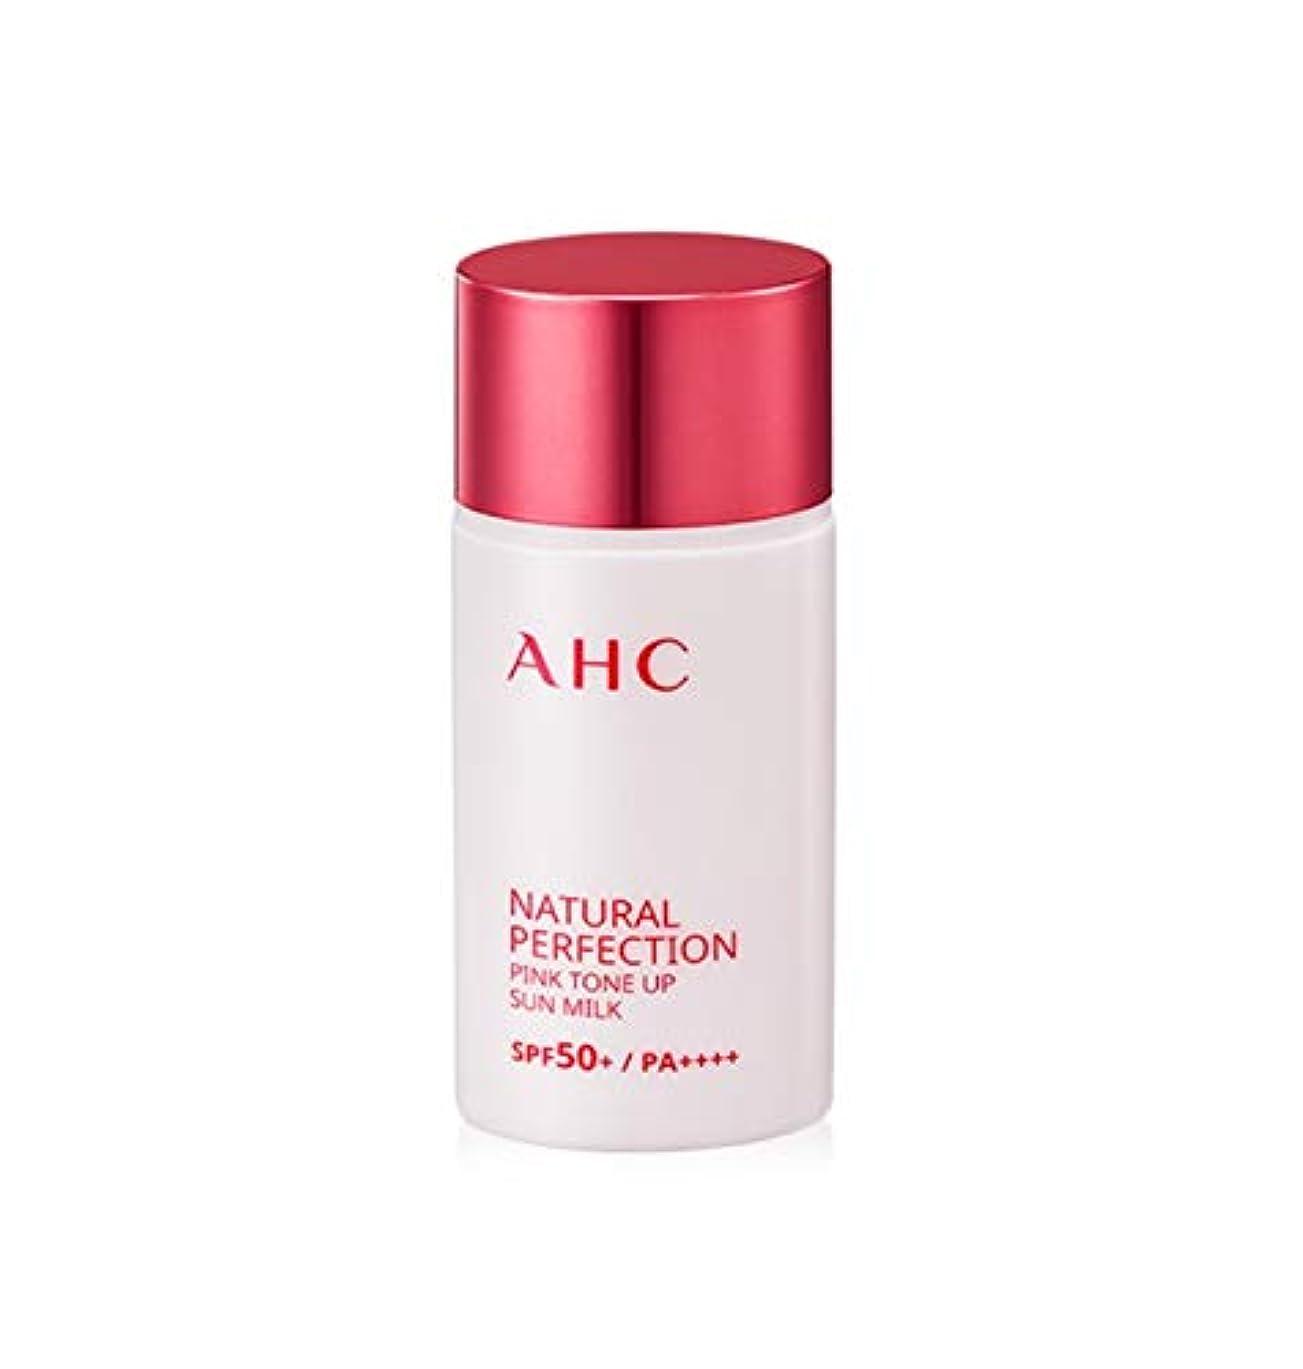 誘う子供時代人に関する限りAHC ナチュラルパーフェクションピンクトンオプ線ミルク 40ml / AHC NATURAL PERFECTION PINK TONE UP SUN MILK 40ml [並行輸入品]